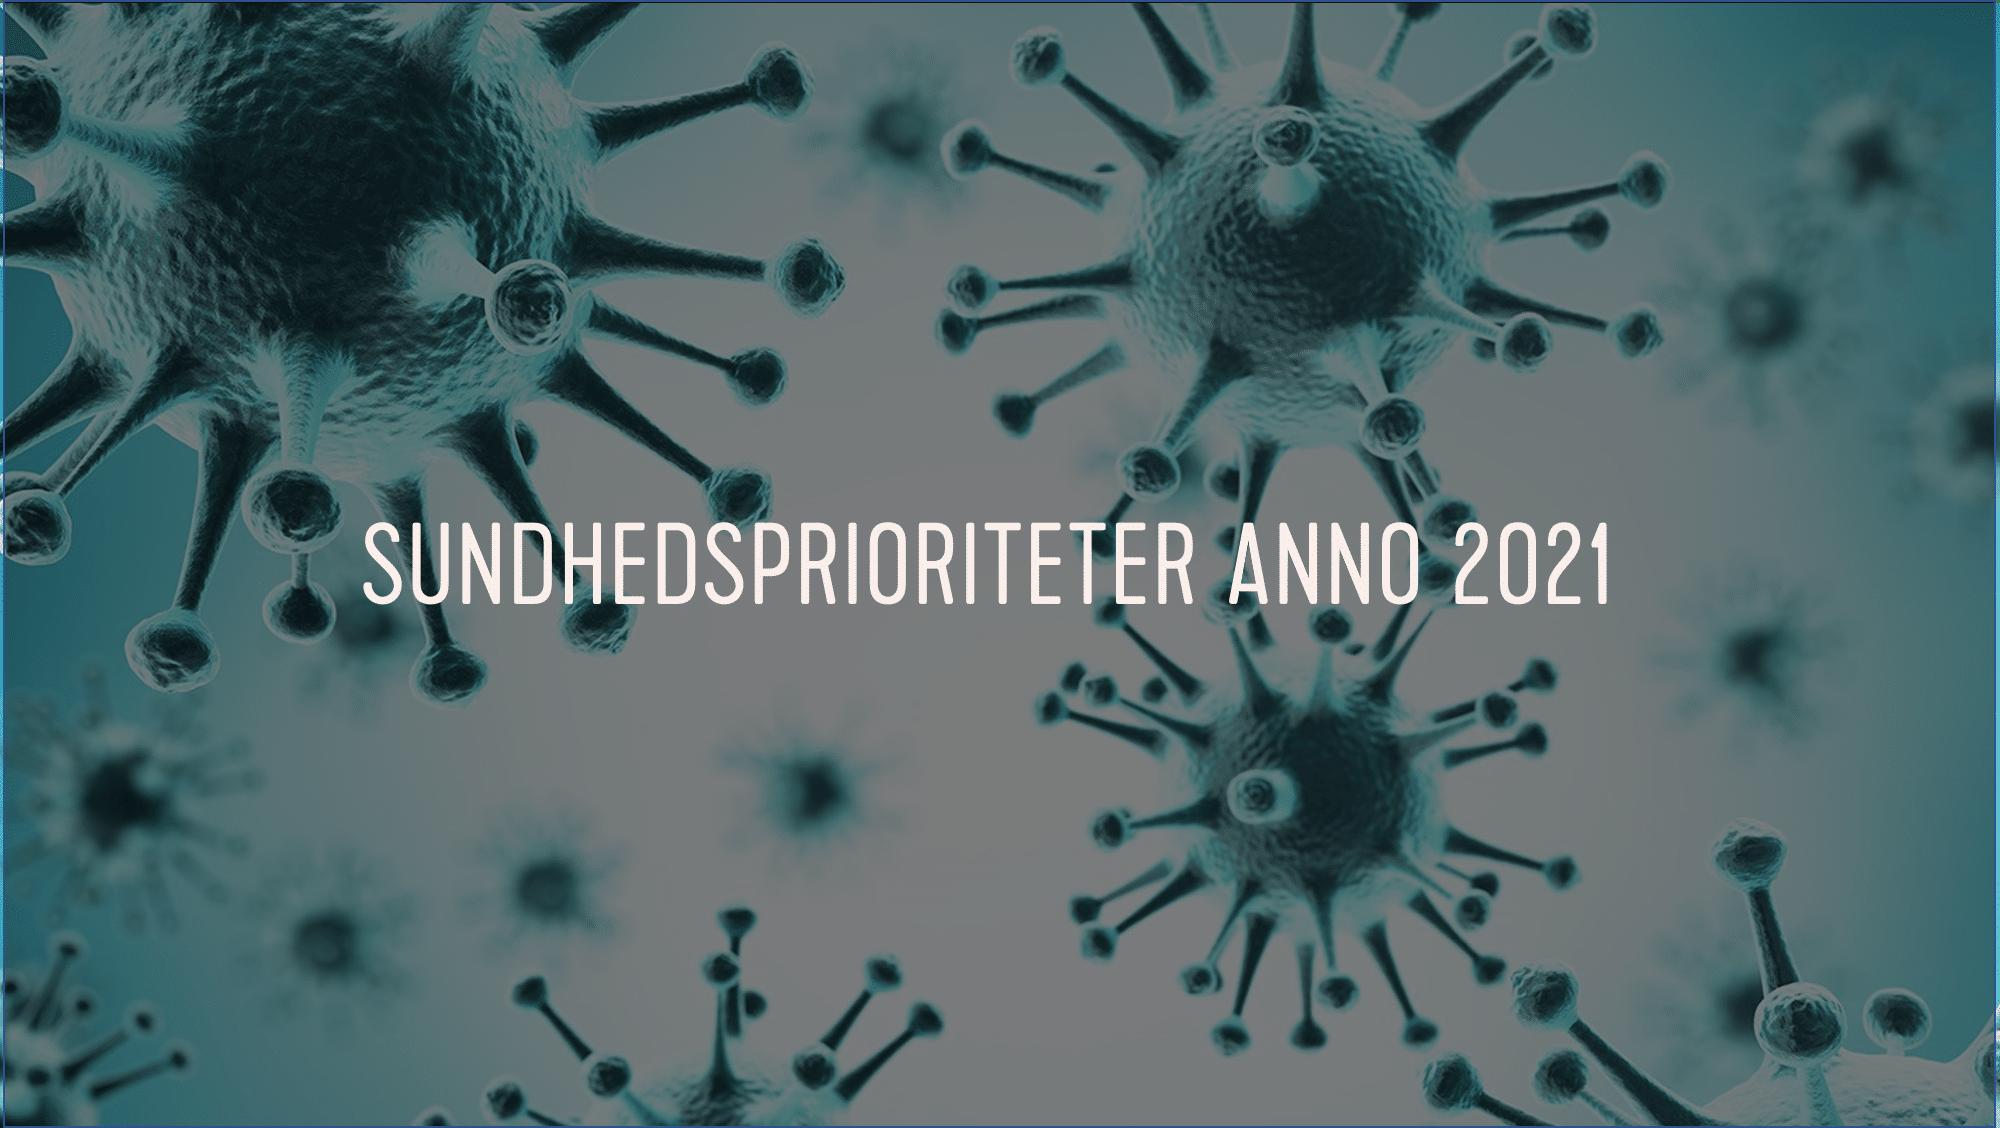 Sundhedsprioriteter anno 2021. Holder præmisserne?